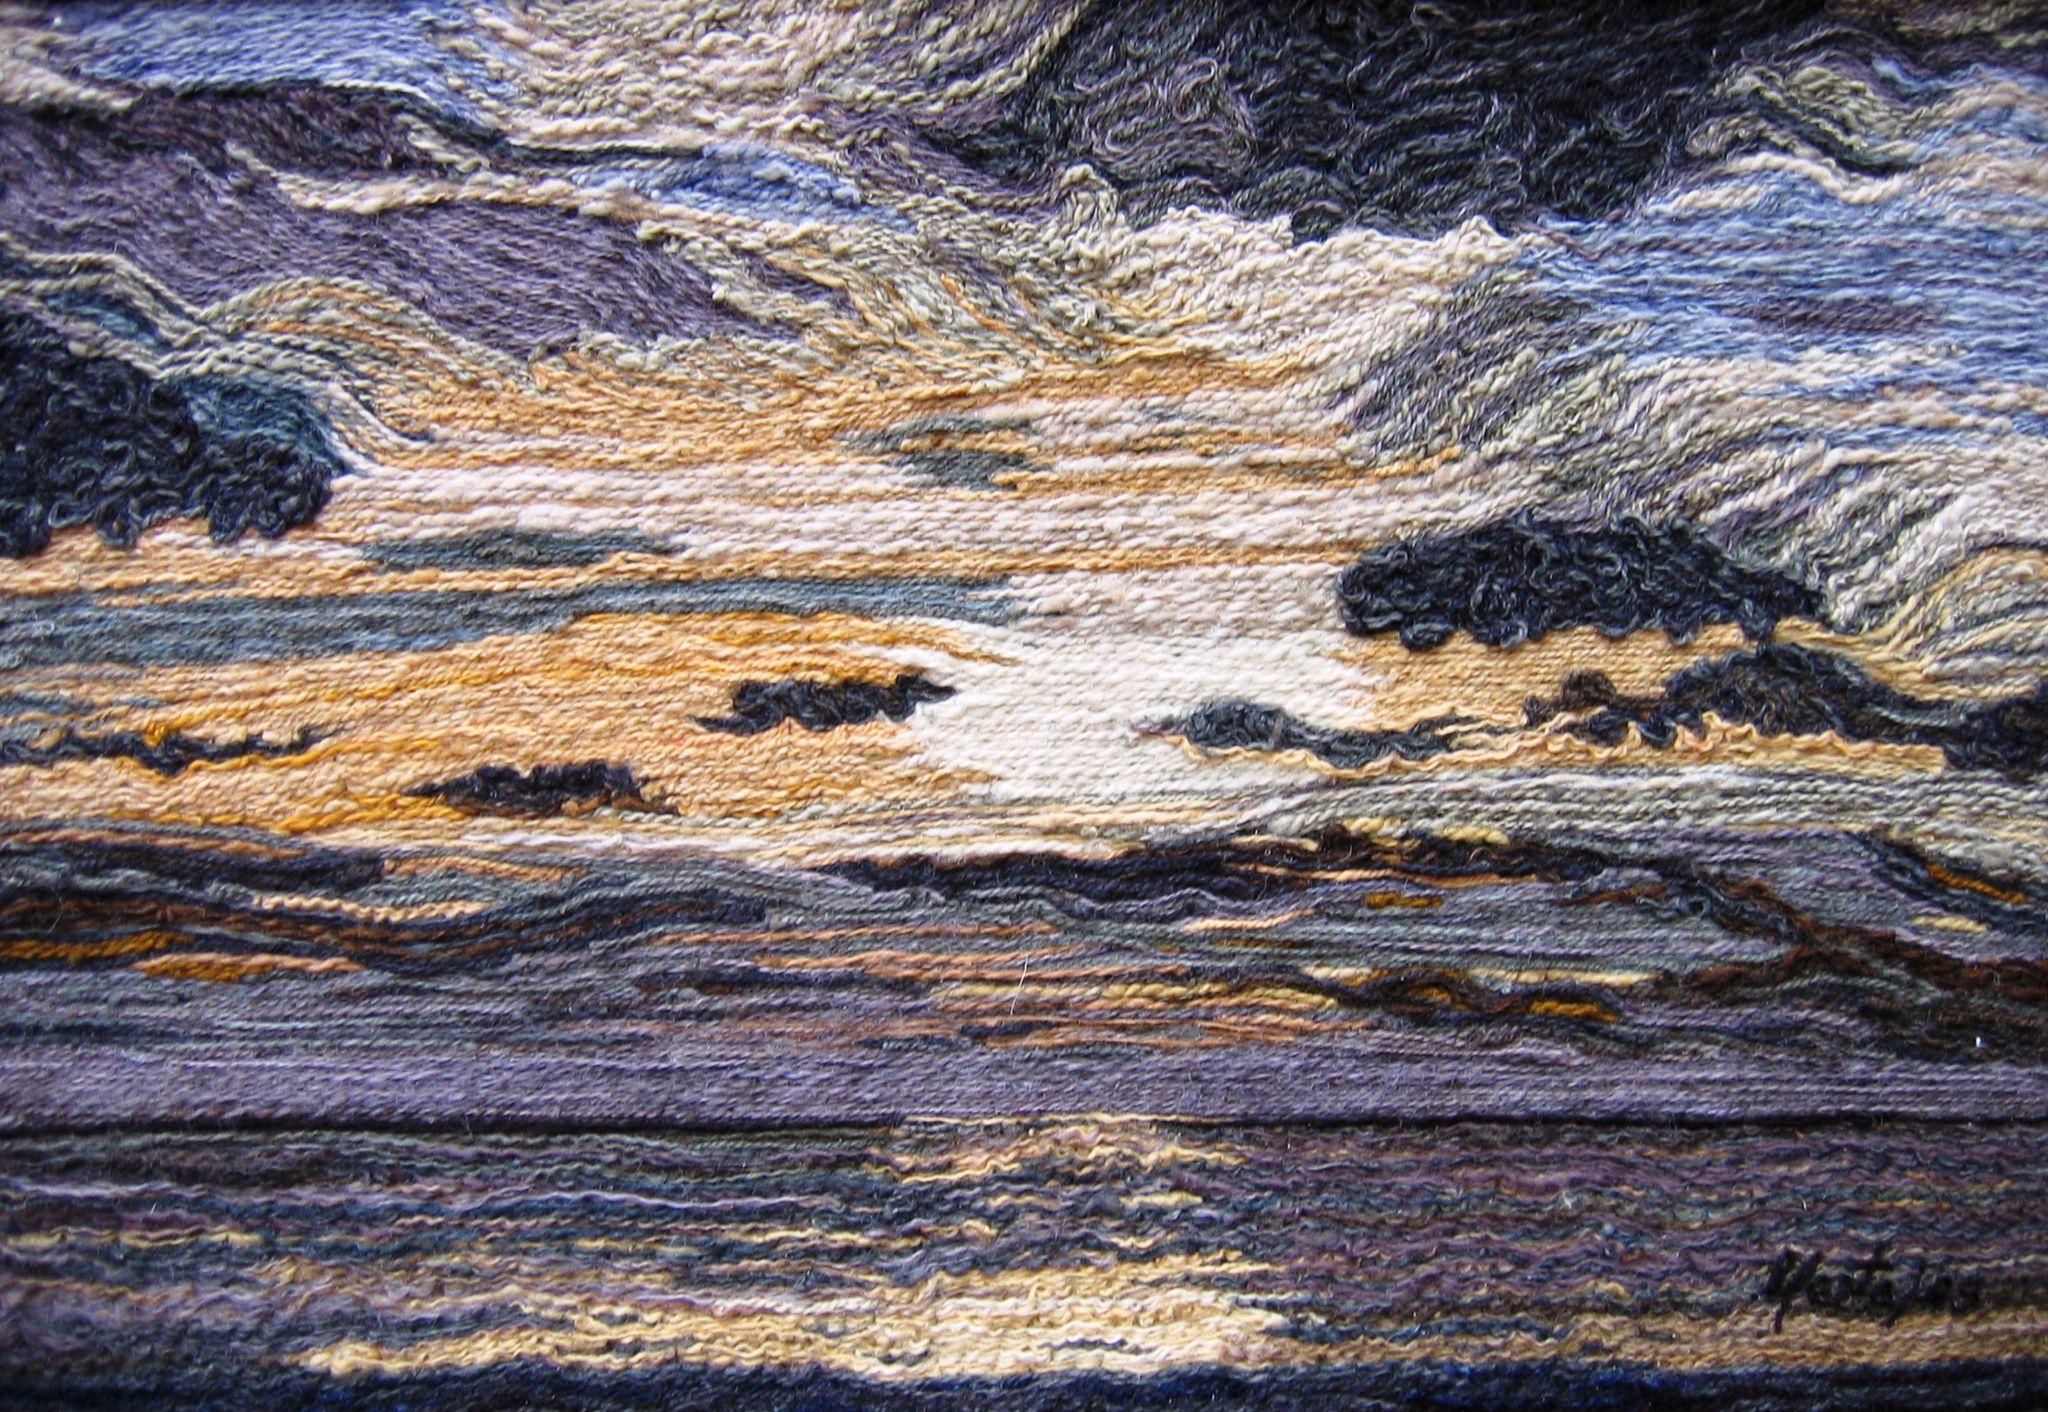 Cielo en Grises N. 2, Marta Alarcón, Collage en lana